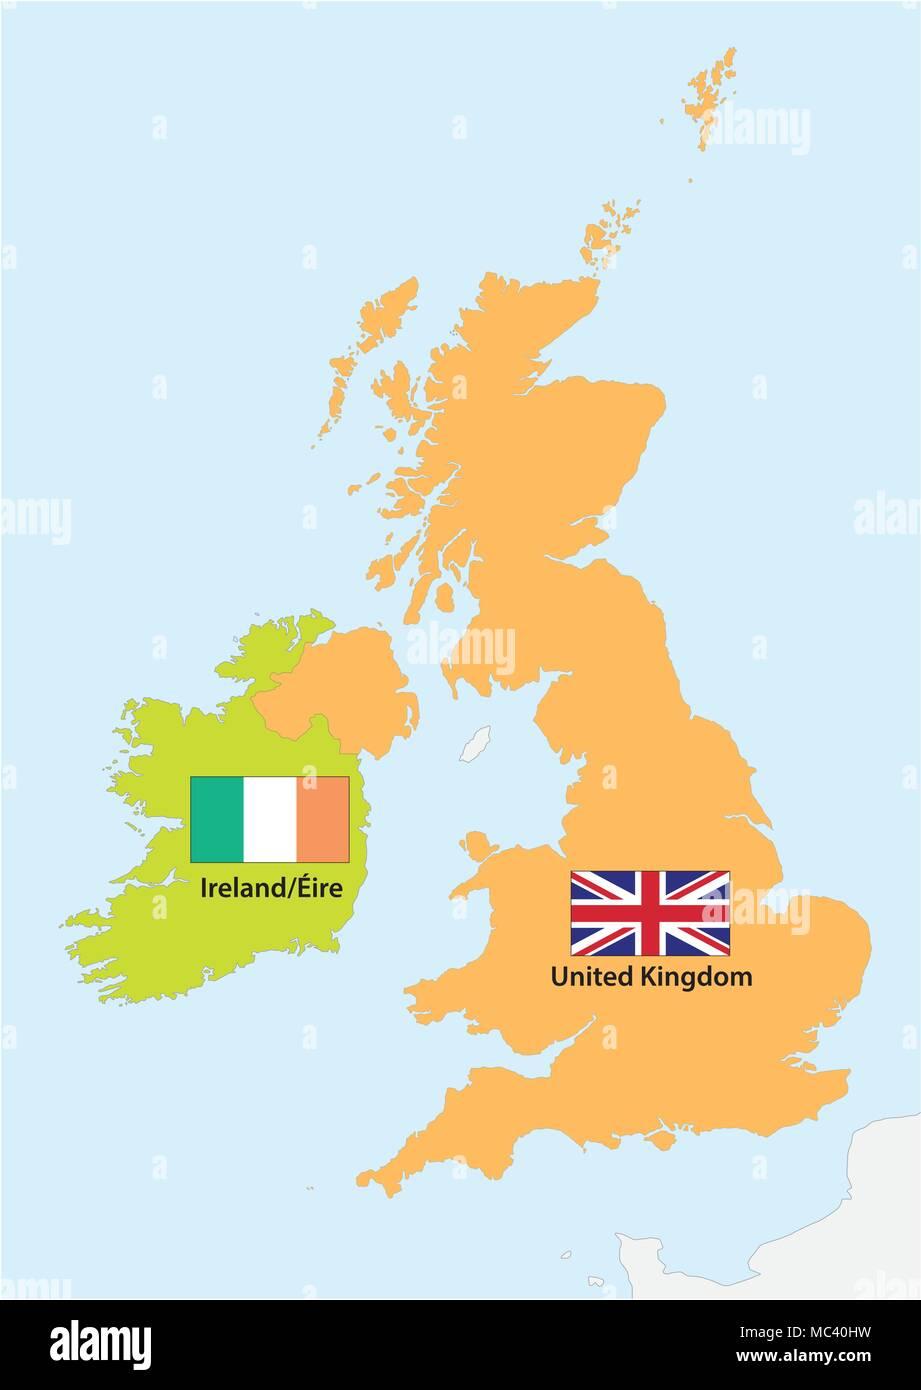 Semplice contorno mappa vettoriale di Irlanda e Regno Unito con bandiera Immagini Stock